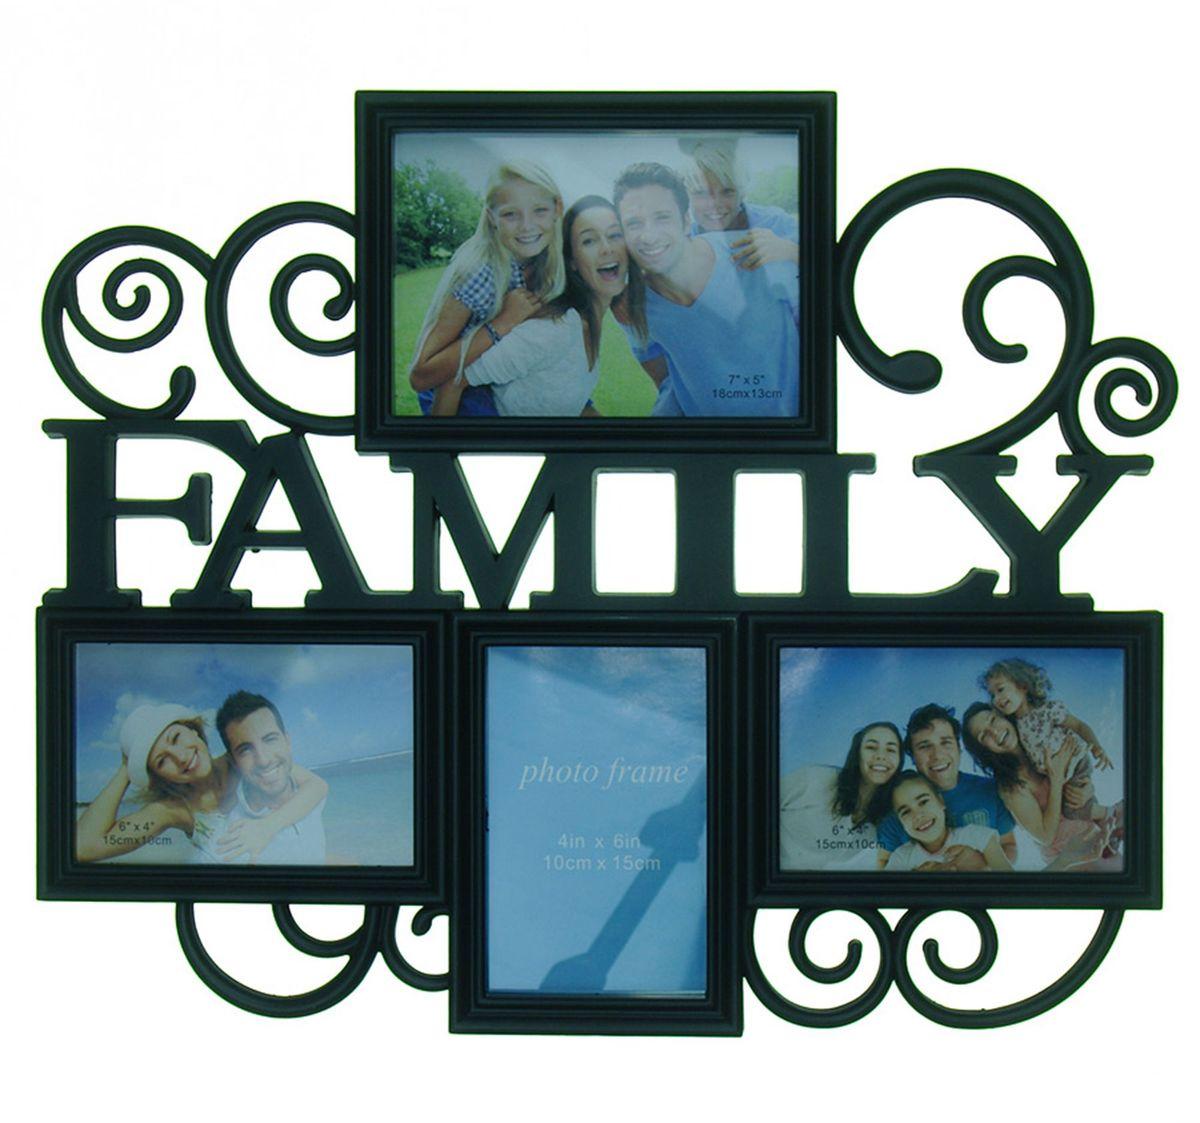 Фоторамка Platinum Family, цвет: белый, на 4 фото. BH-1314PLATINUM BH-1314-Black-ЧёрныйФоторамка Platinum Family - прекрасный способ красиво оформить ваши фотографии. Фоторамка выполнена из пластика и защищена стеклом. Фоторамка-коллаж представляет собой четыре фоторамки для фото разного размера оригинально соединенных между собой. Такая фоторамка поможет сохранить в памяти самые яркие моменты вашей жизни, а стильный дизайн сделает ее прекрасным дополнением интерьера комнаты. Фоторамка подходит для 2 фото 15 х 10 см, 1 фото 10 х 15 см и 1 фото 18 х 13 см. Общий размер фоторамки: 47 х 38 см.